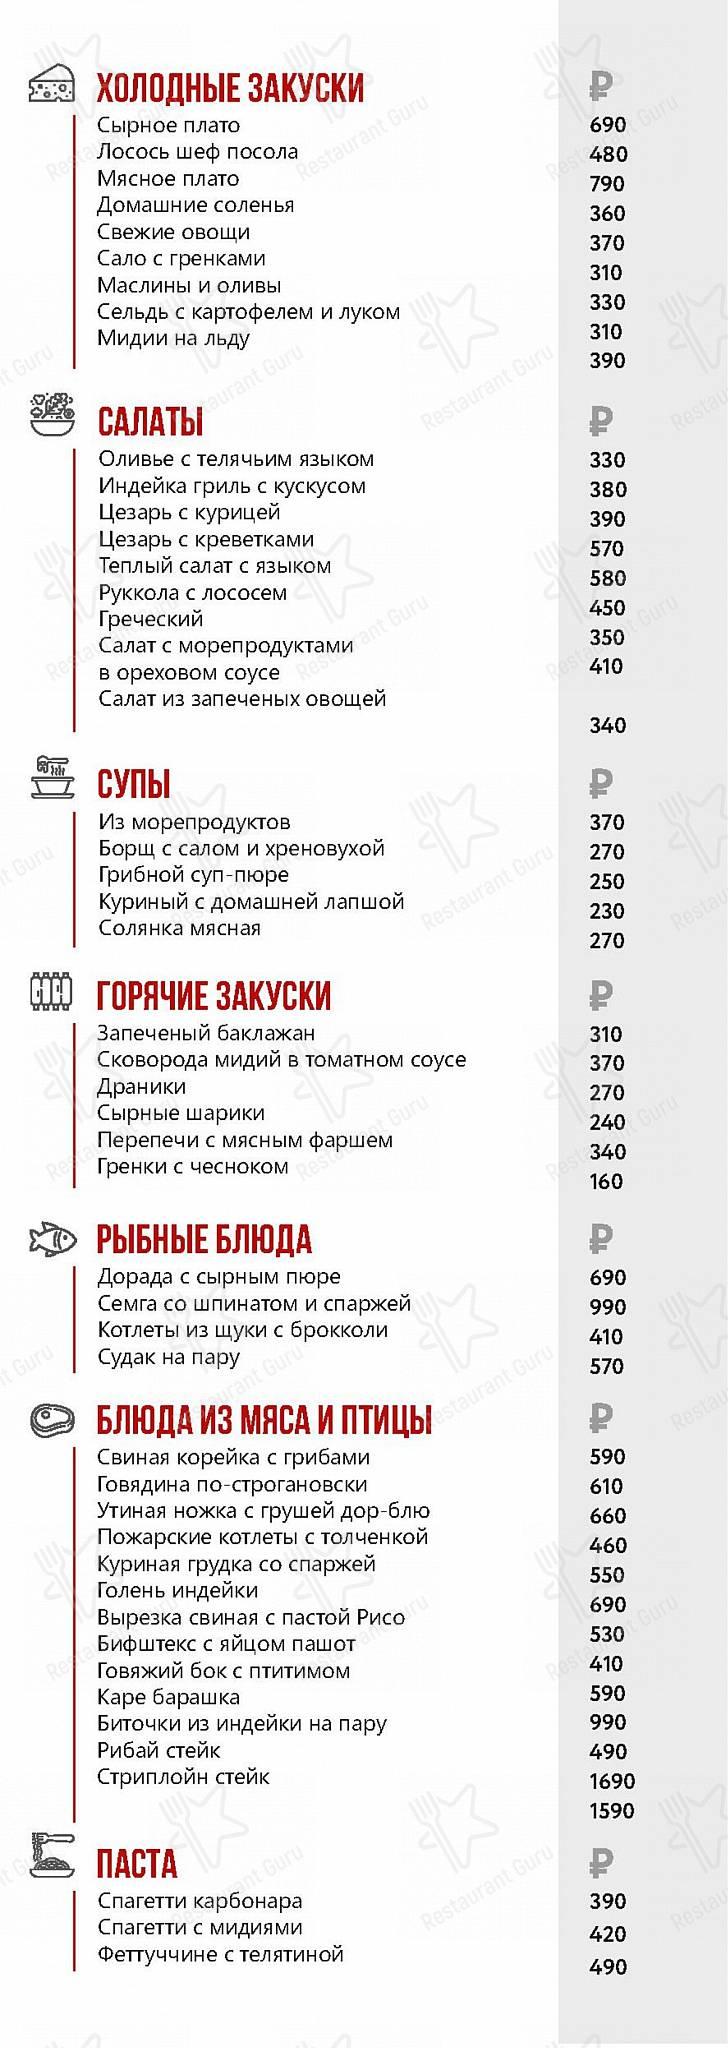 Русь в Наро-Фоминске - Основное меню